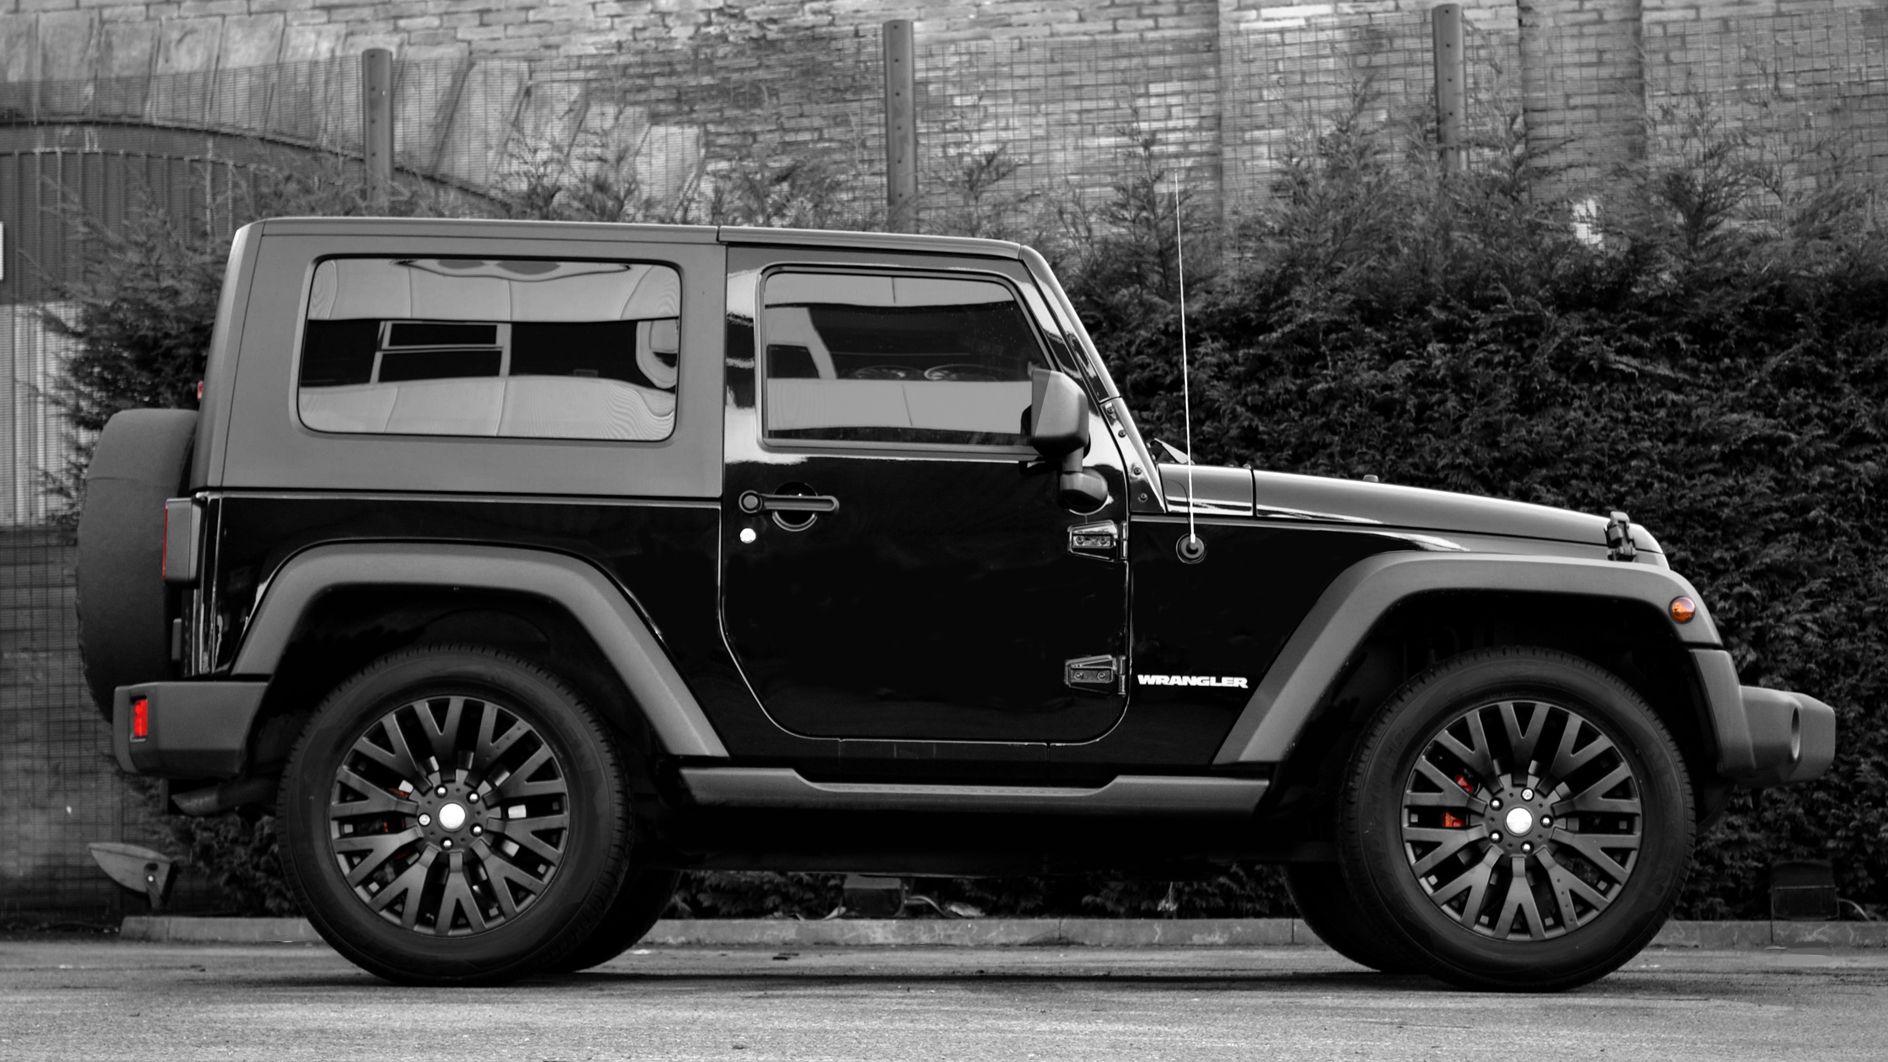 Black 2 door jeep wrangler